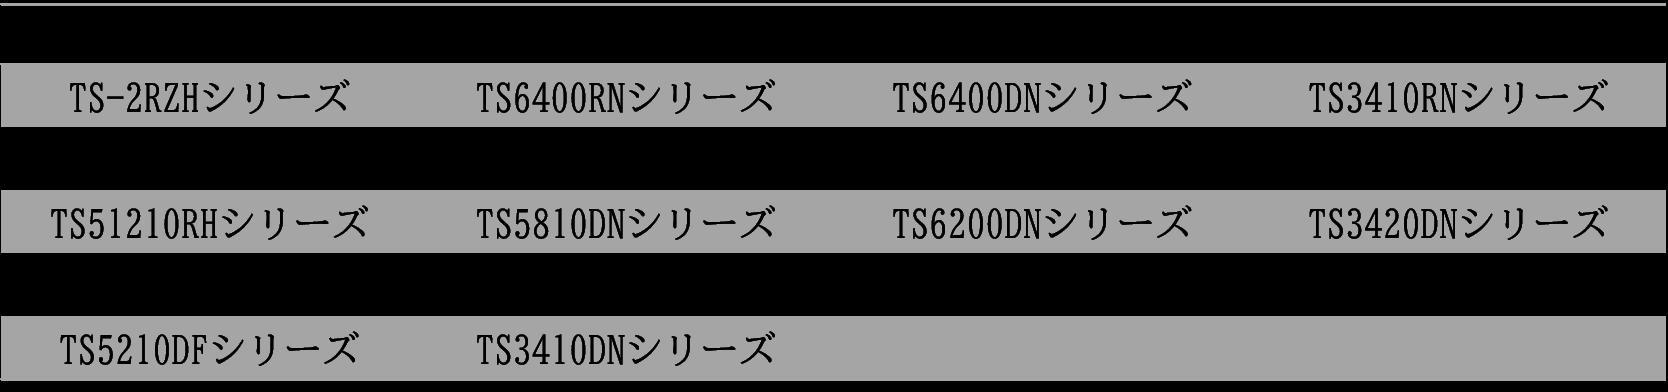 TeraStation(テラステーション)シリーズ一覧表